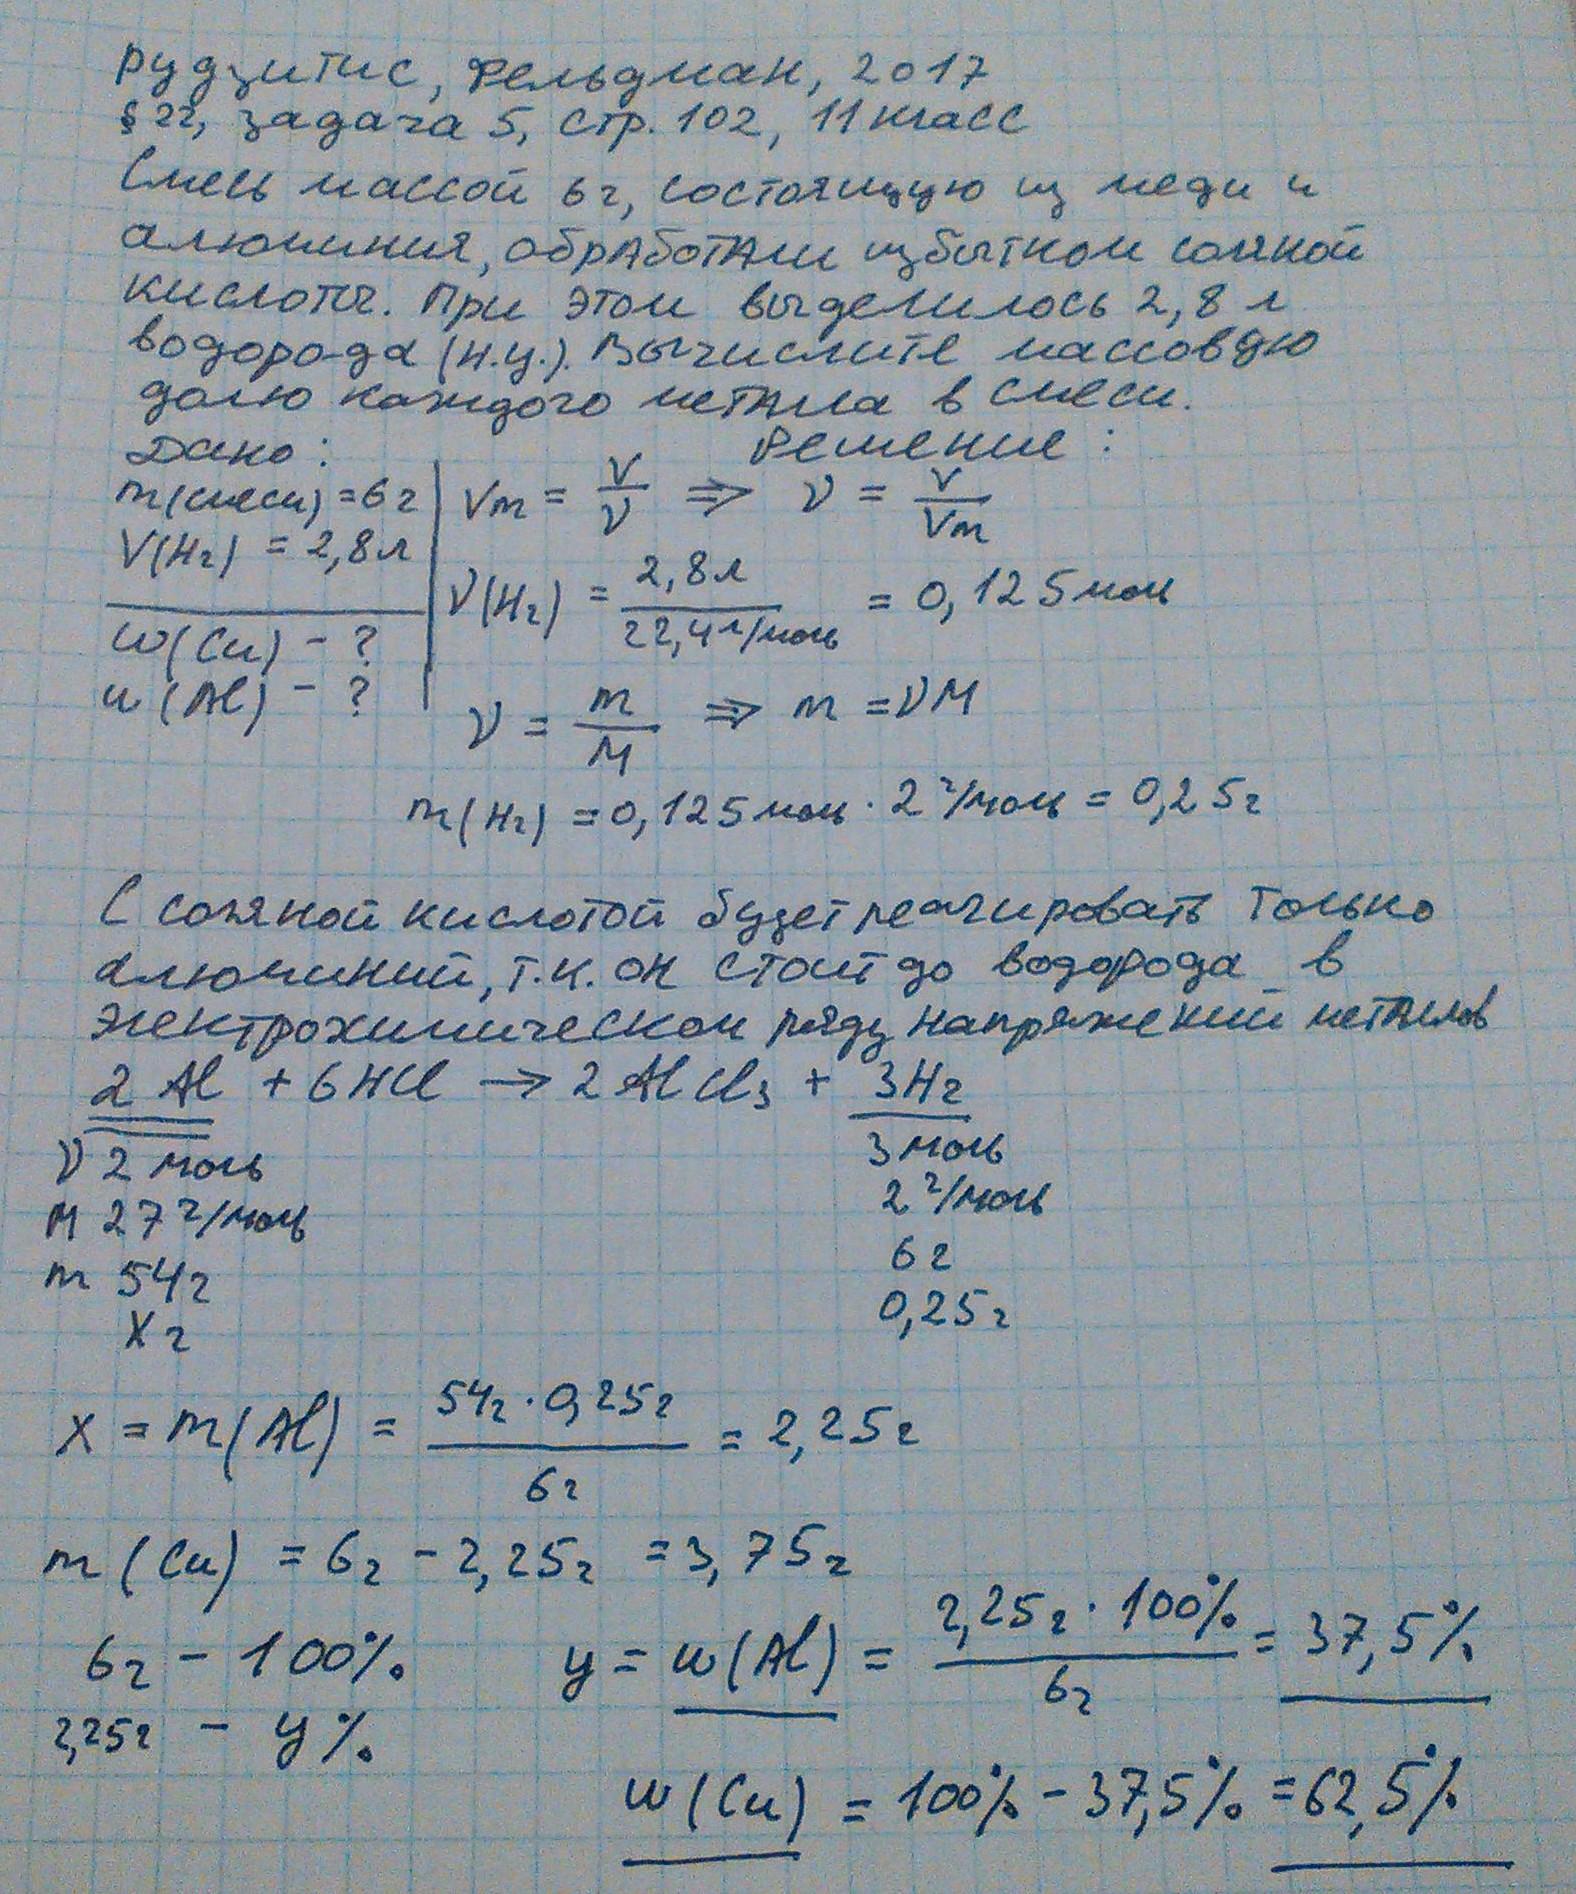 рудзитис задача 5 стр 102 11 кл.jpg